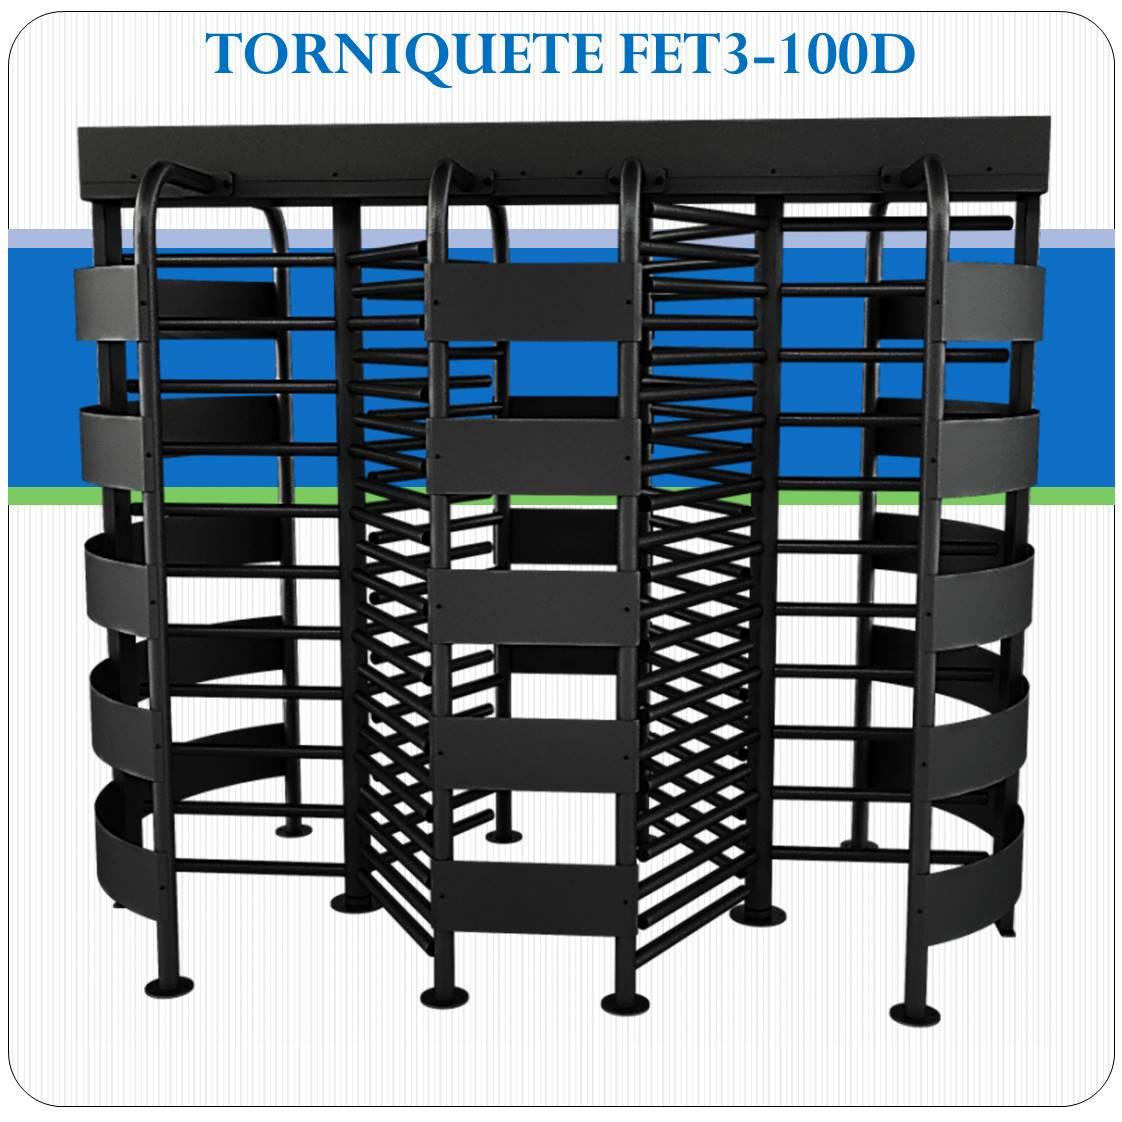 Torniquete FET3-100D